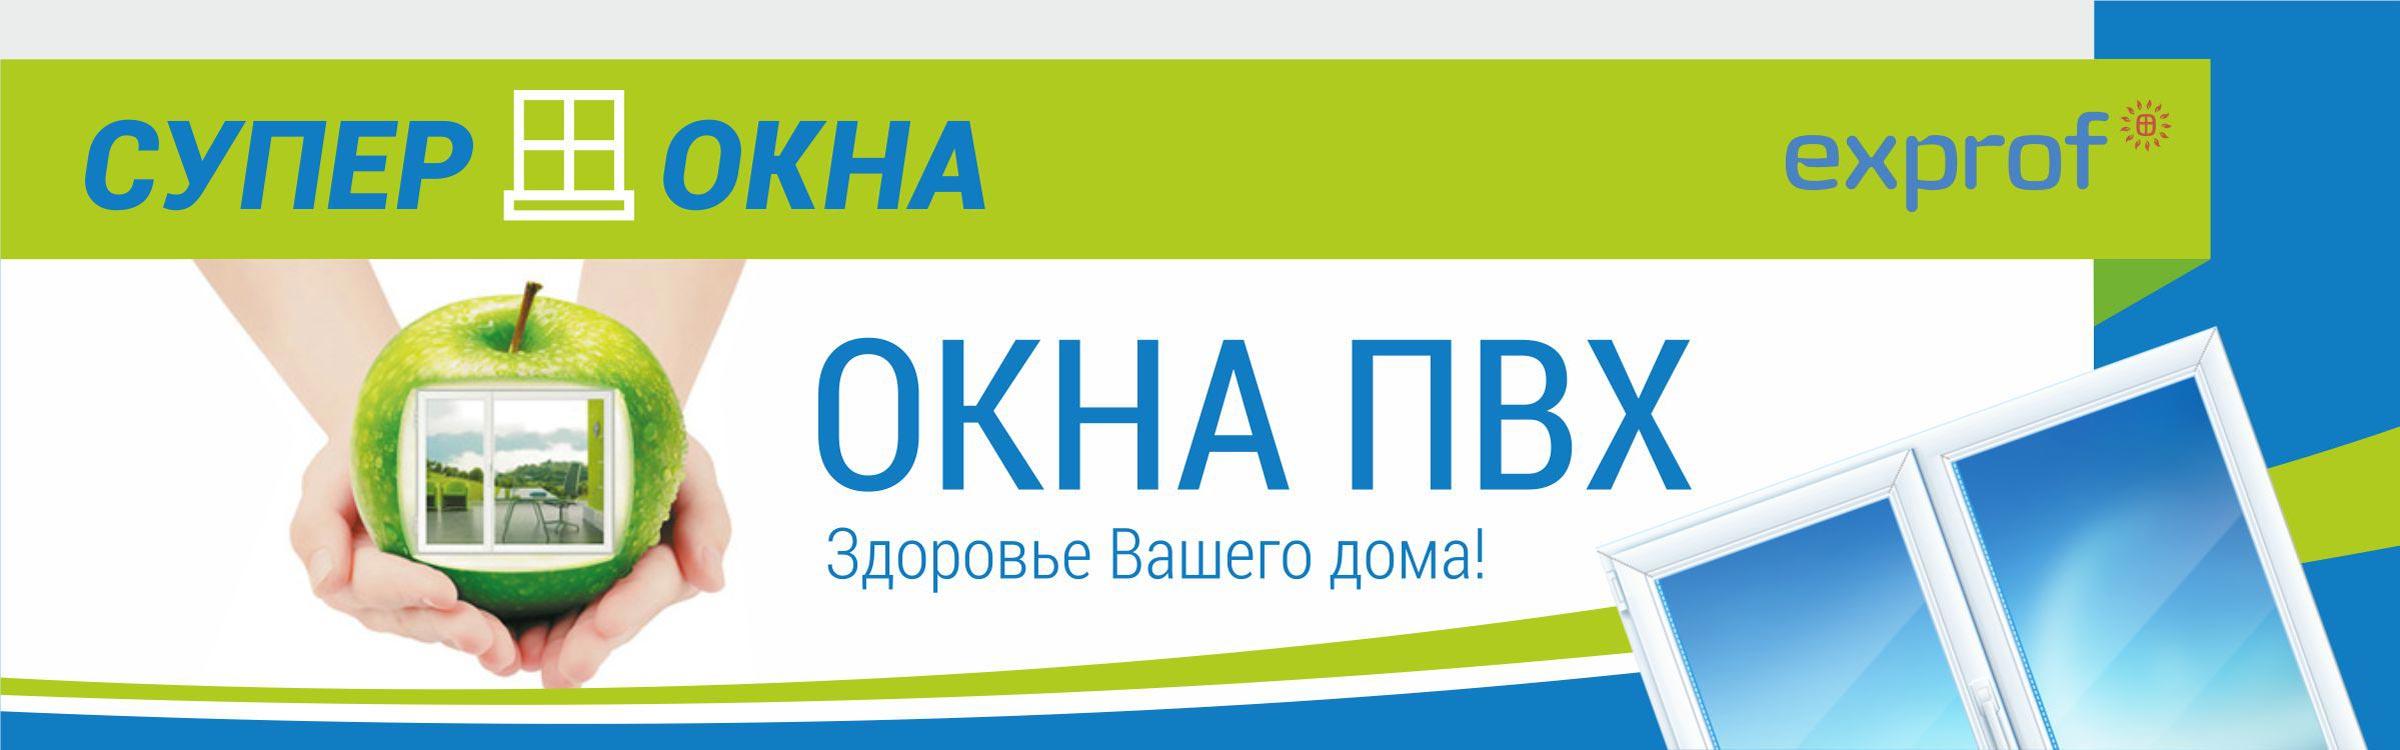 Оконная компания 'Супер Окна - Оконная компания' в Смоленске. Главная страница